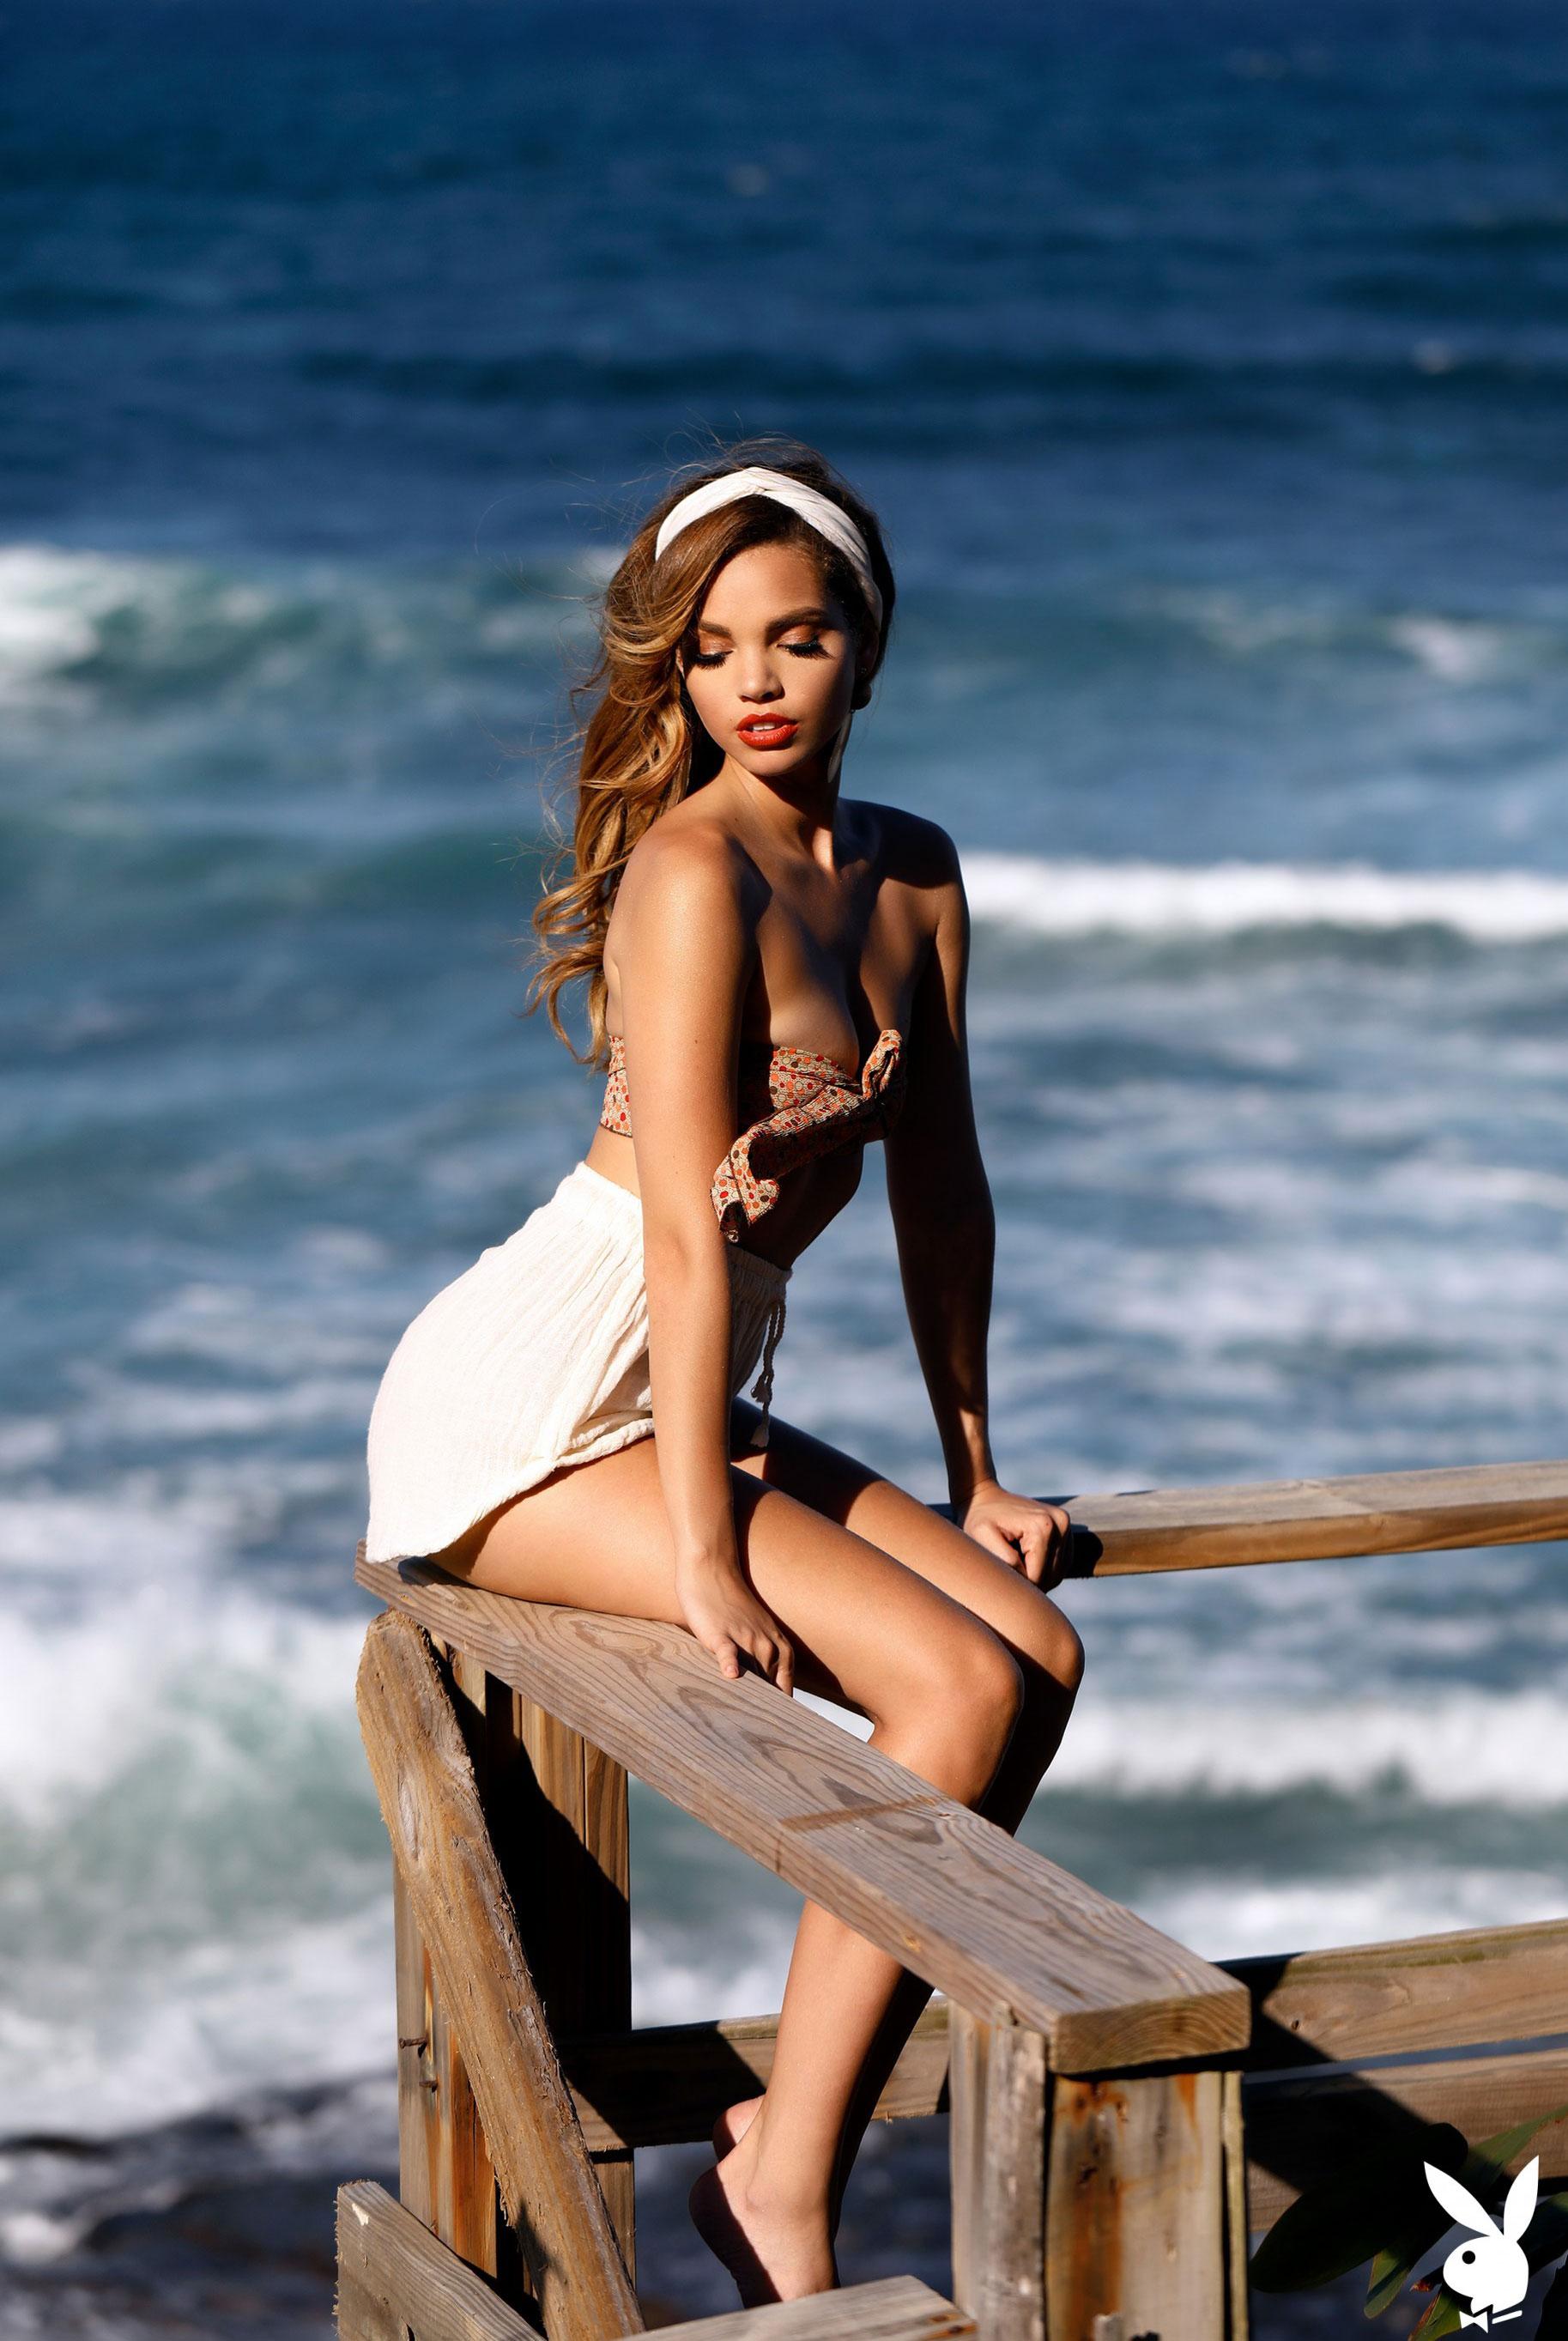 Мисс Июнь 2019 американского Playboy Йоли Лара / фото 21